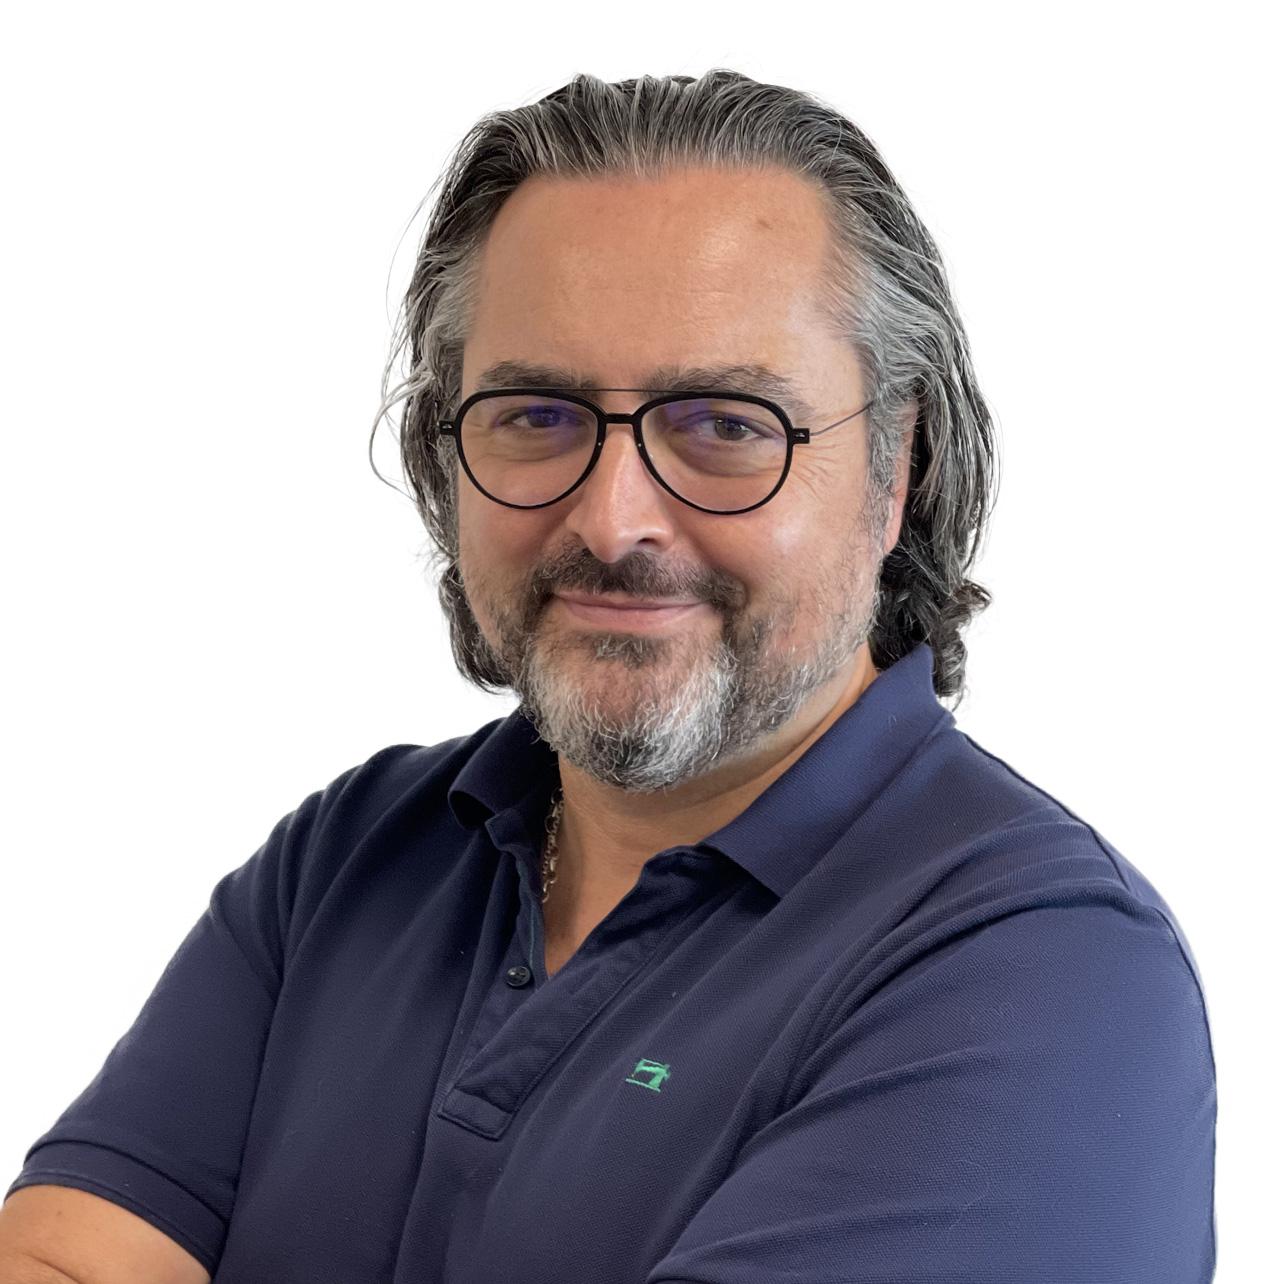 Mickael Keichinger